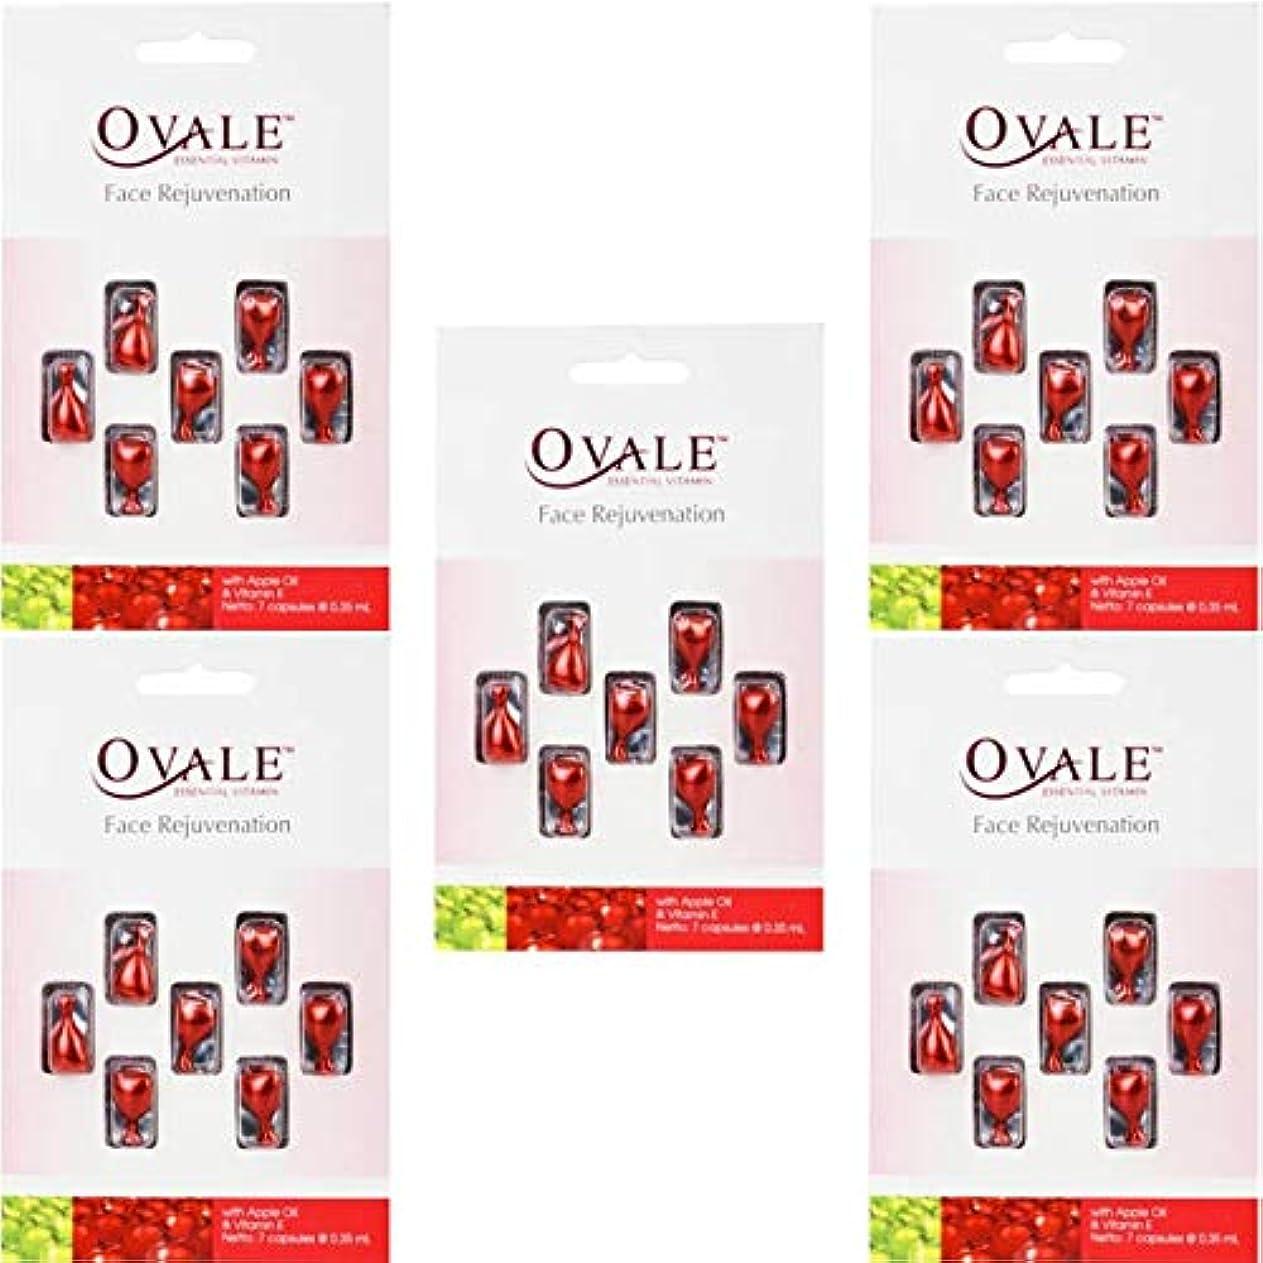 付添人車両ホバートOvale オーバル フェイシャル美容液 essential vitamin エッセンシャルビタミン 7粒入シート×5枚セット アップル [海外直送品]